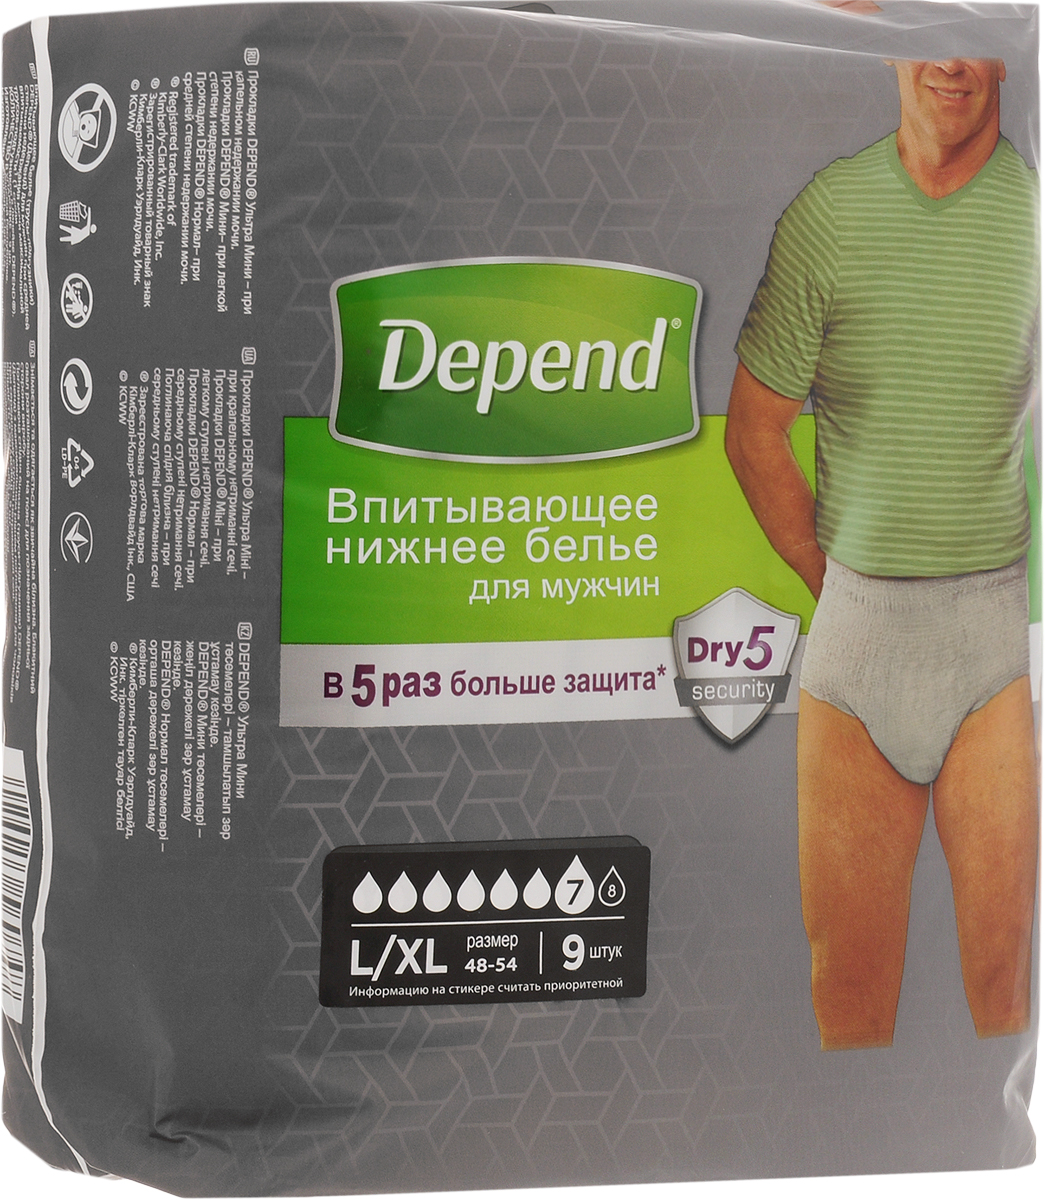 Depend Белье мужское впитывающее L/XL (48-54) 9 шт1971021Новое впитывающее белье Depend создано специально для мужчин с учетом анатомических особенностей тела. Оно способно не только защитить Вас в течение всего дня, но и подарить комфорт в ношении как у нижнего белья!Преимущества: • В 5 раз больше защита• Незаметно под одеждой • Мягкое и удобное стретч-облегание • С низкой талиейDepend защищает в 5 раз надежнее, чем прокладка.